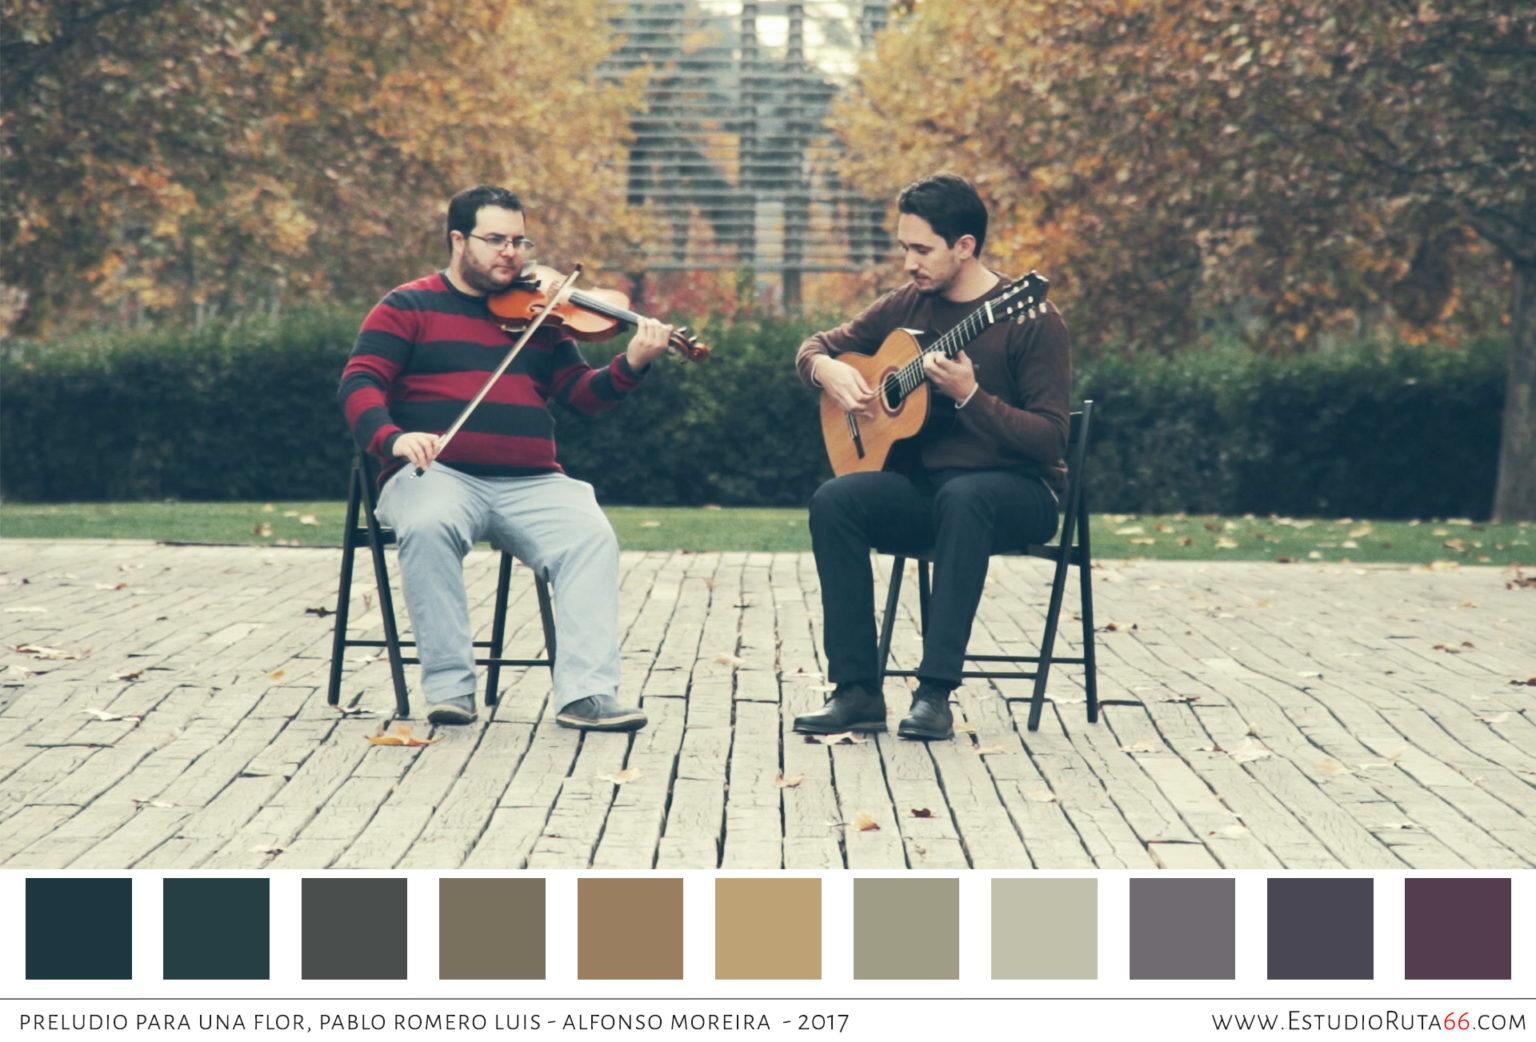 Paleta cromática - Preludio para una Flor - Pablo Romero Luis - EstudioRuta66.com